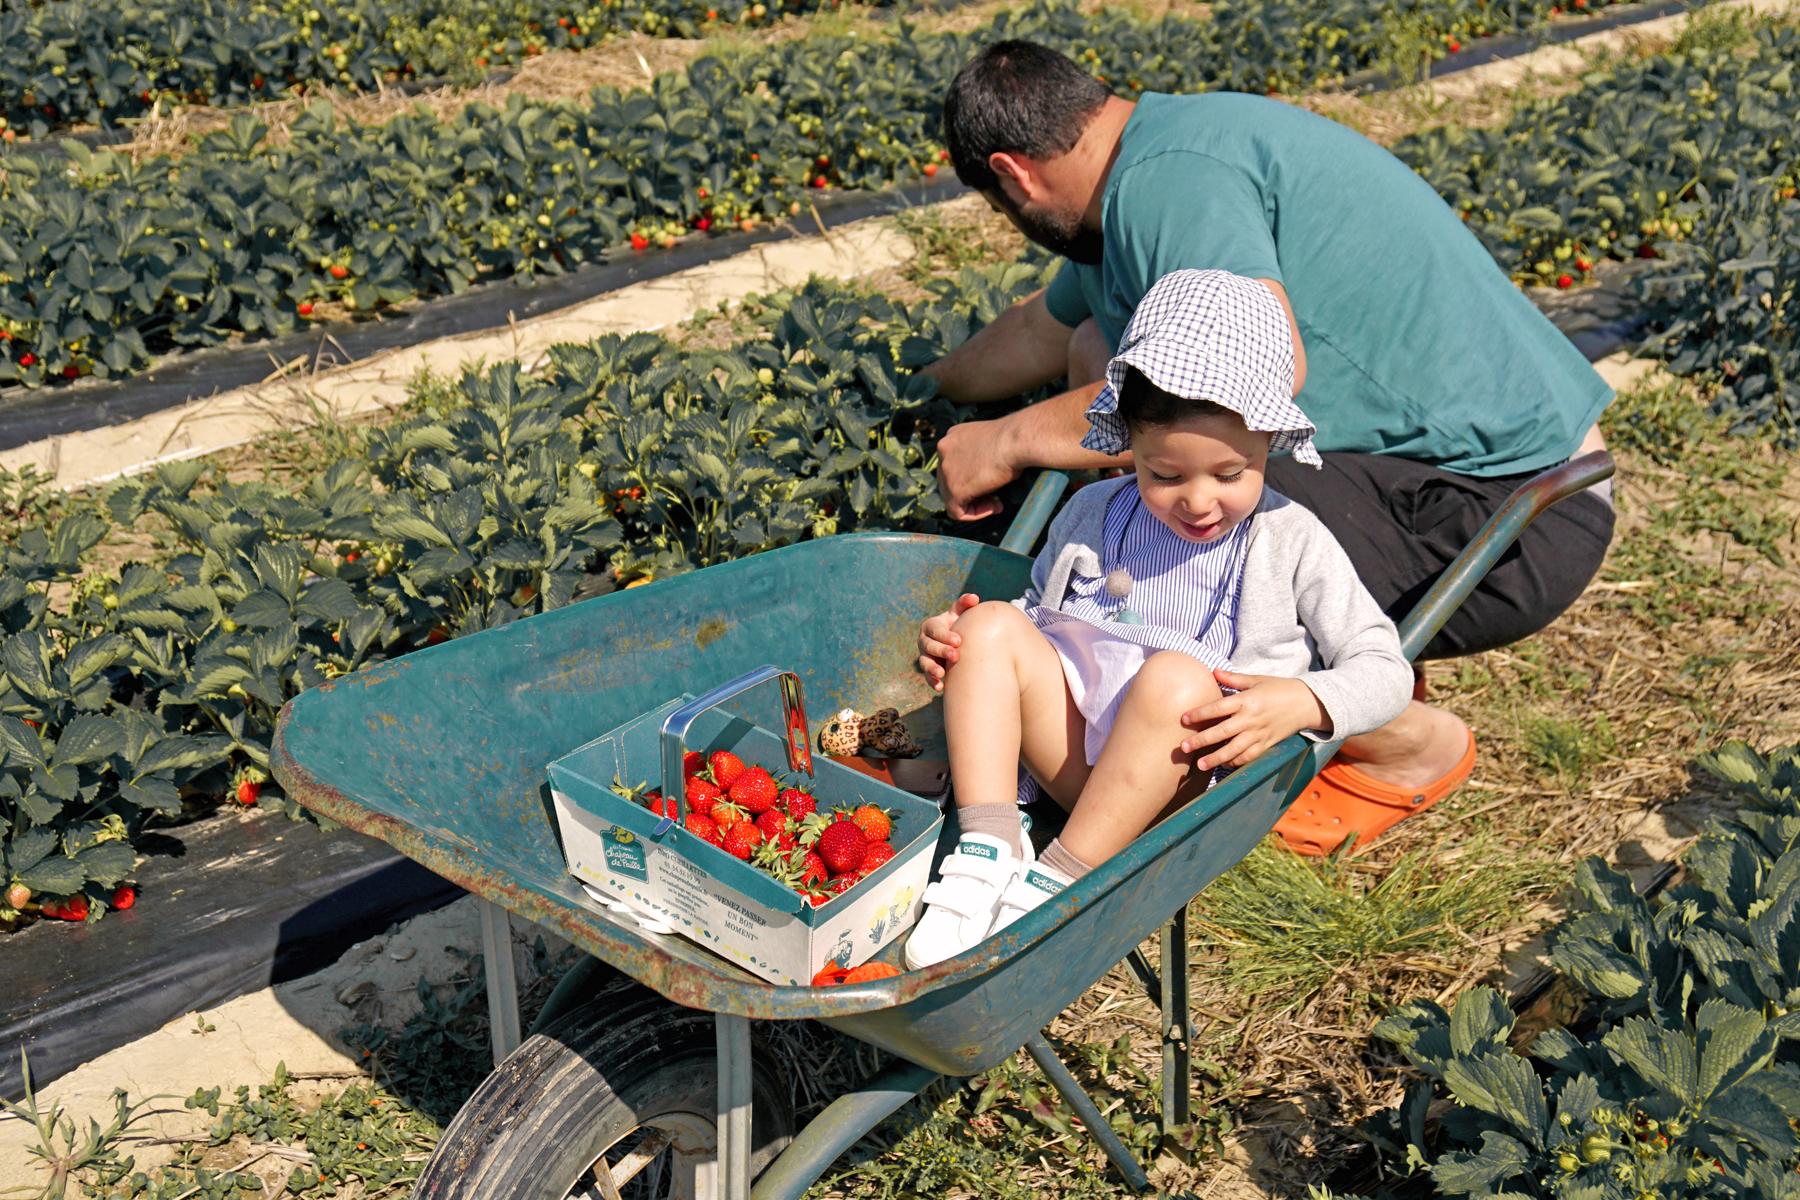 Père et fille pendant la cueillette de fraises à Fraisochamps, Thil